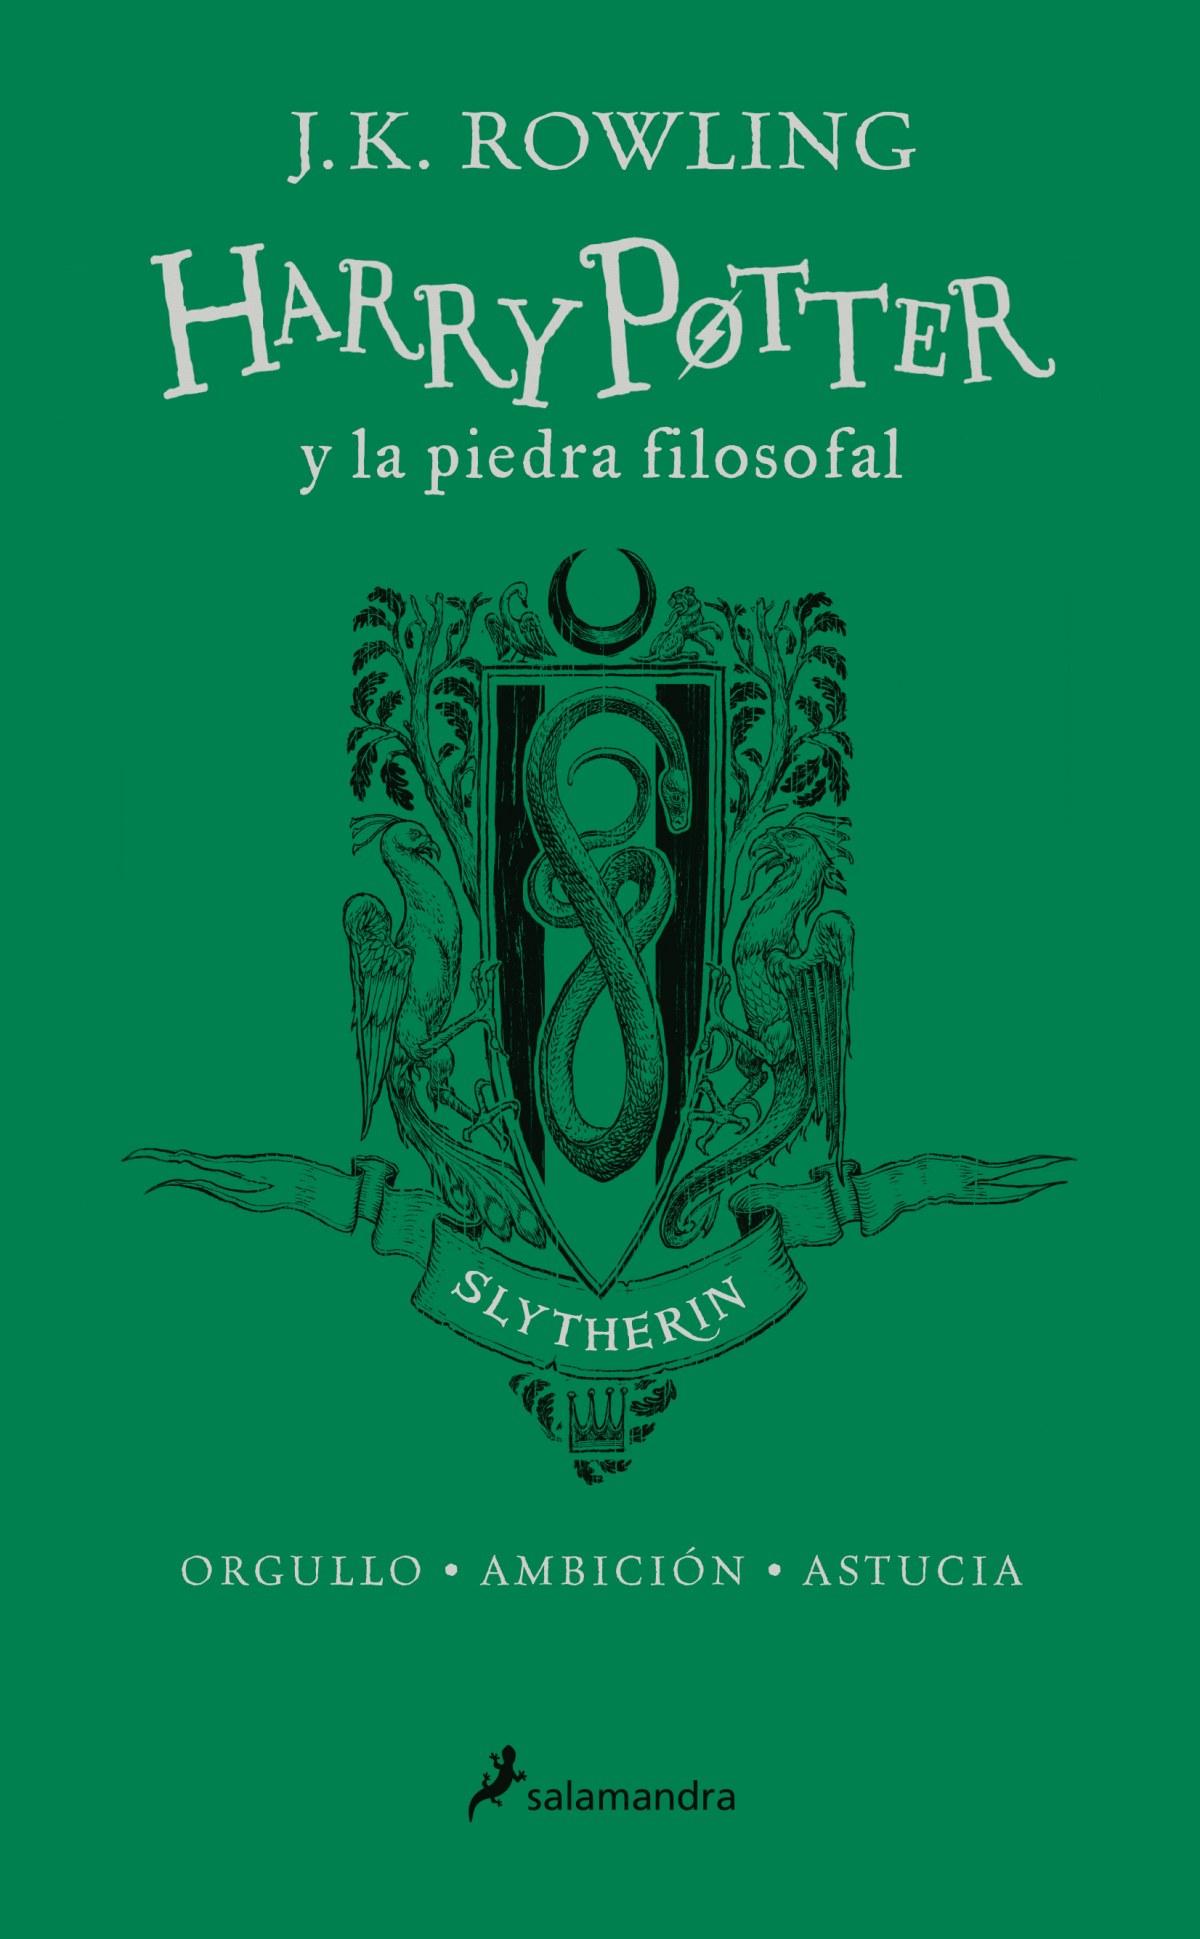 SLYTHERIN HARRY POTTER Y LA PIEDRA FILOSOFAL 9788498388930